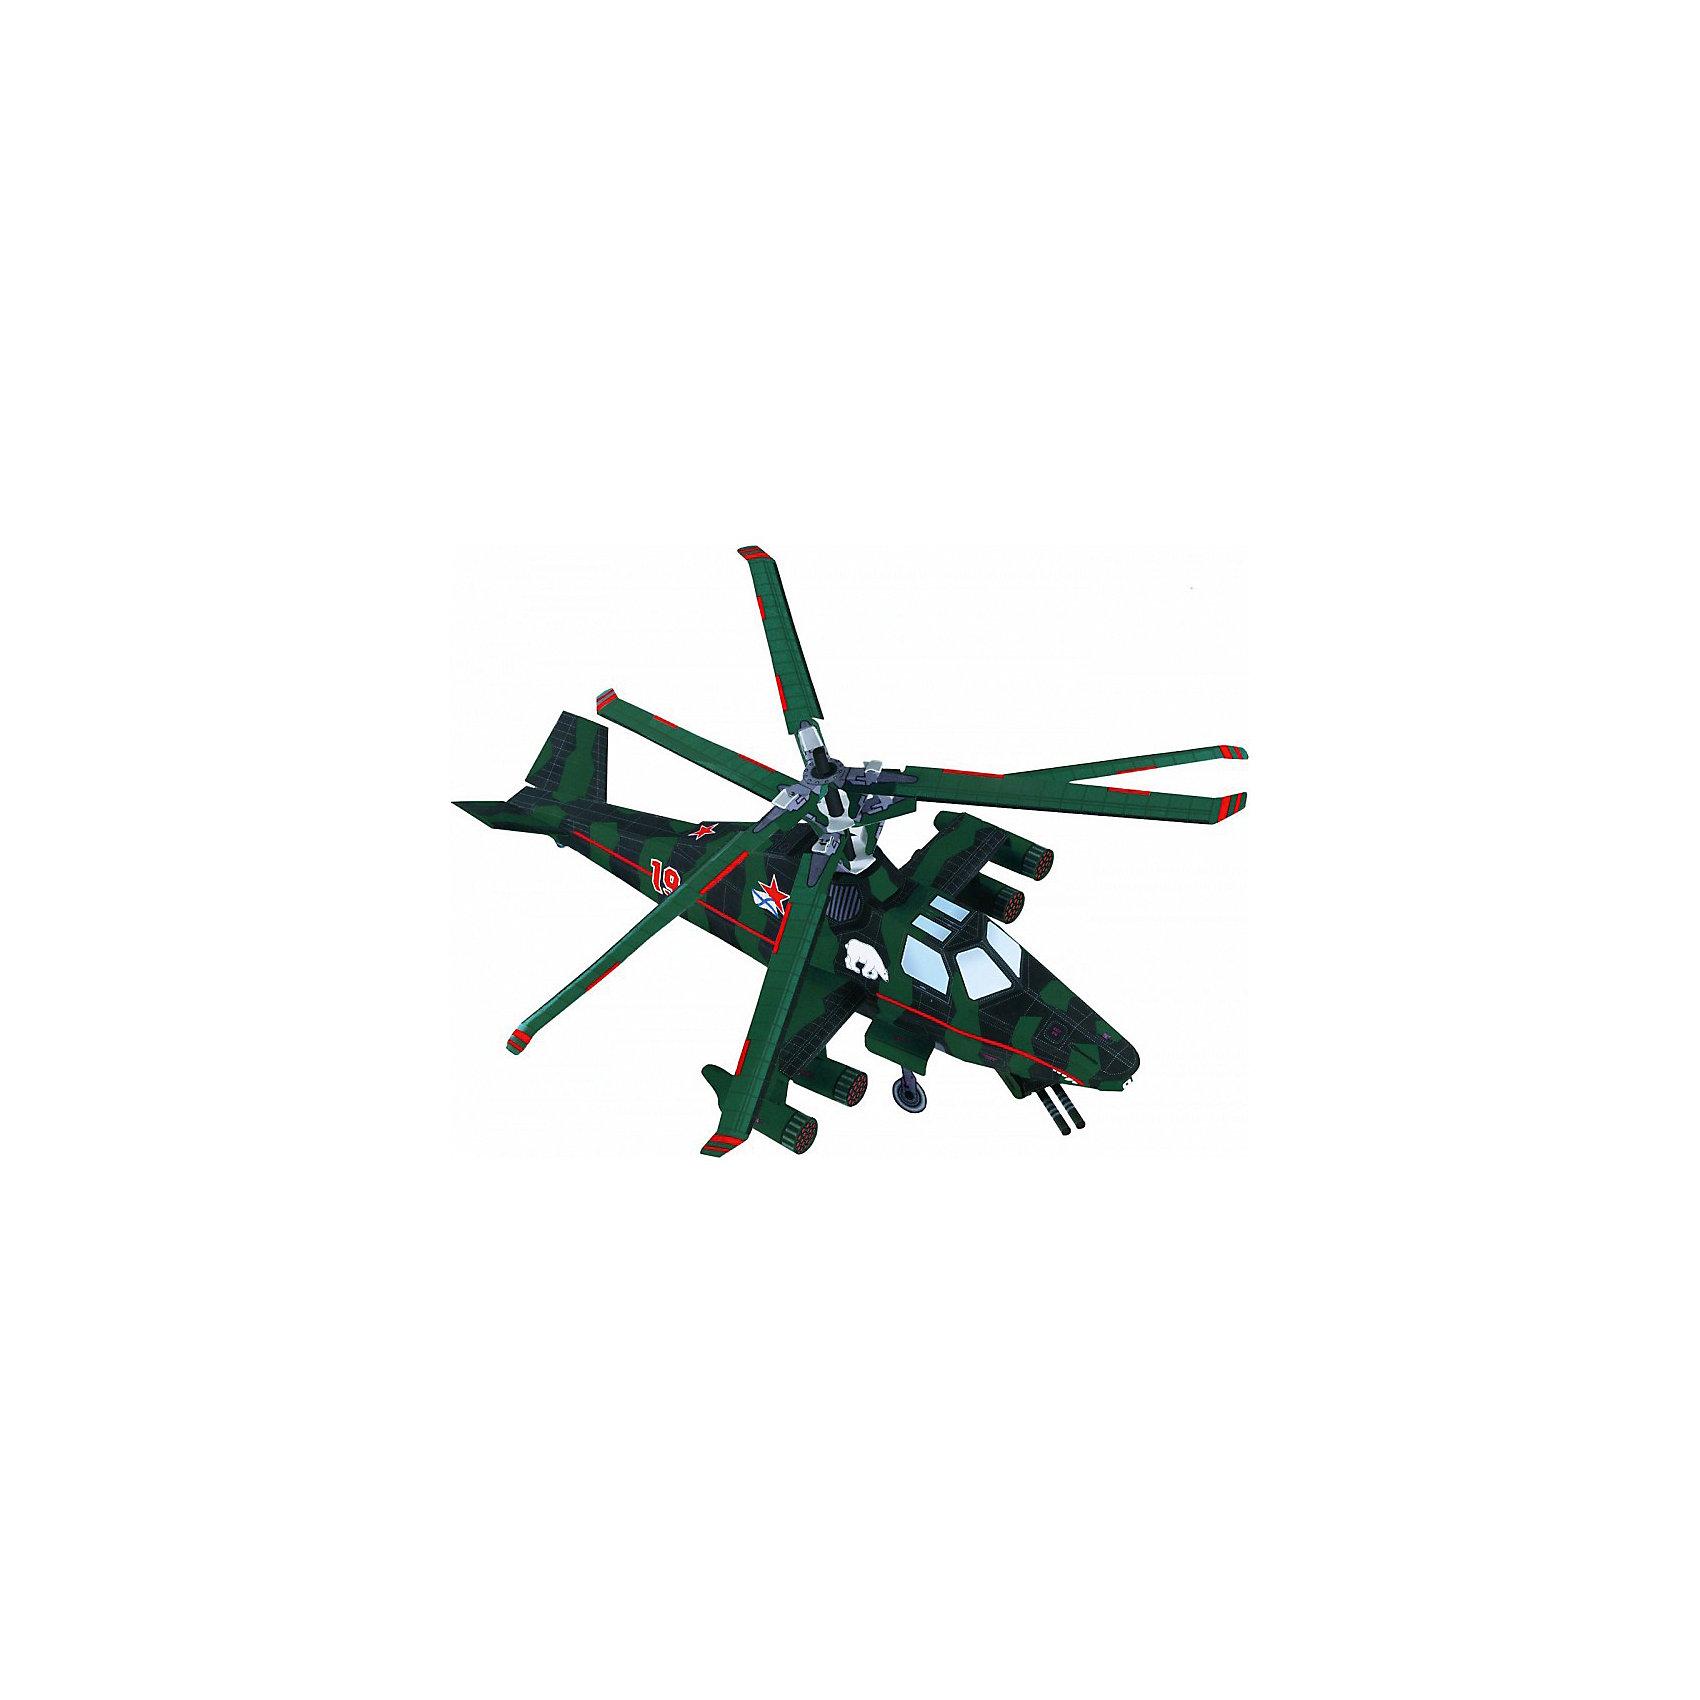 Сборная модель Вертолет МедведьБумажные модели<br>Вертолет Медведь - новейший российский вертолёт, оснащенный самым современным вооружением и оборудованием, позволяющим вести боевые действия в любое время суток и при любой погоде. Высокая степень детализации и реалистичные детали делают сборку конструктора очень интересным занятием. Принцип соединения деталей запатентован: все соединения разработаны и рассчитаны с такой точностью, что с правильно собранной игрушкой можно играть, как с обычной. Конструирование - увлекательный и полезный процесс, развивающий мелкую моторику, внимание, усидчивость, пространственное мышление и фантазию. <br>Все сборные модели «Умная Бумага» разрабатываются на основе чертежей и фотографий оригинала. В их оформлении широко используются современные способы обработки бумаги для передачи рельефности поверхности, а для имитации хромированных и золоченых элементов применяется тиснение фольгой.<br><br>Дополнительная информация:<br><br>- Материал: картон.<br>- Размер упаковки: 22х30 см.<br>- Высота модели: 28х16х14 см.<br>- Количество деталей: 38.<br><br>Сборную модель Вертолет Медведь можно купить в нашем магазине.<br><br>Ширина мм: 217<br>Глубина мм: 335<br>Высота мм: 3<br>Вес г: 70<br>Возраст от месяцев: 72<br>Возраст до месяцев: 168<br>Пол: Мужской<br>Возраст: Детский<br>SKU: 4697716